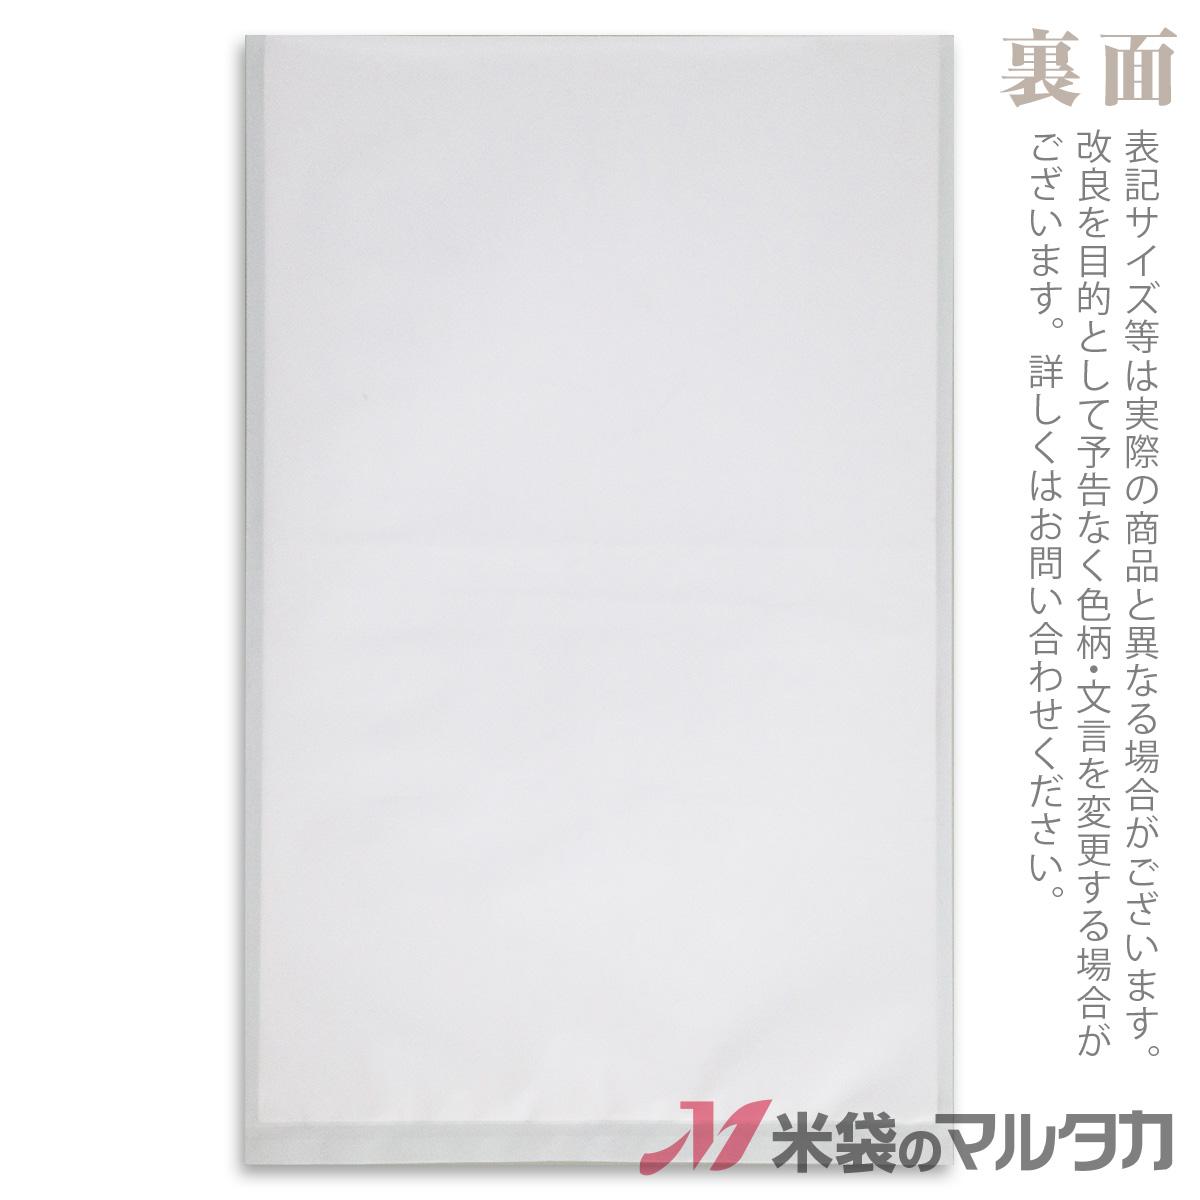 米袋 バイオマスポリ マイクロドット こしひかり 七宝 5kg用 1ケース(500枚入) PE-1102